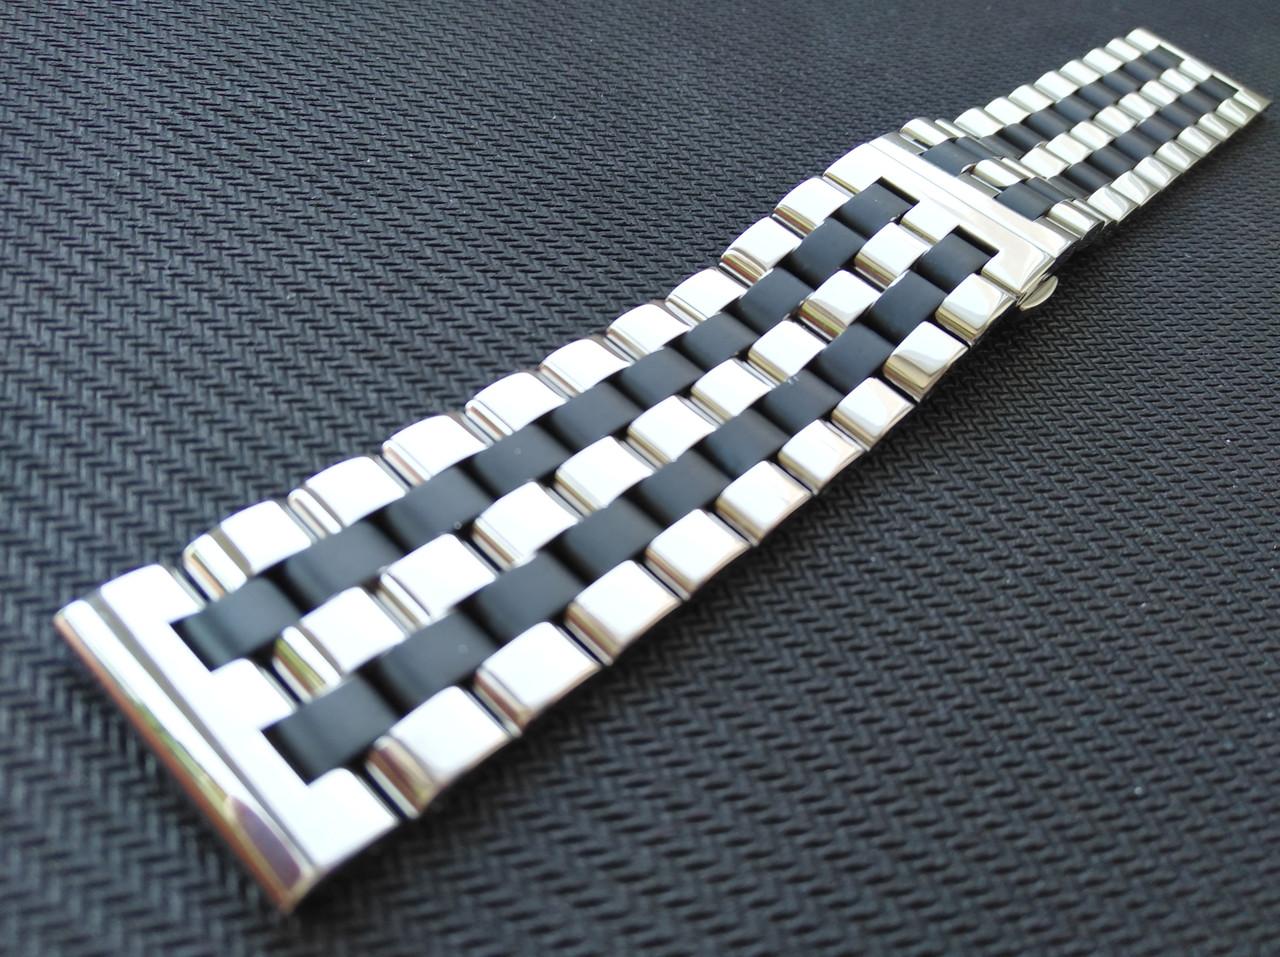 Браслет комбинированный для часов из нержавеющей стали 316L. Прямое/заокругленное окончание. Глянец/мат. 22 мм